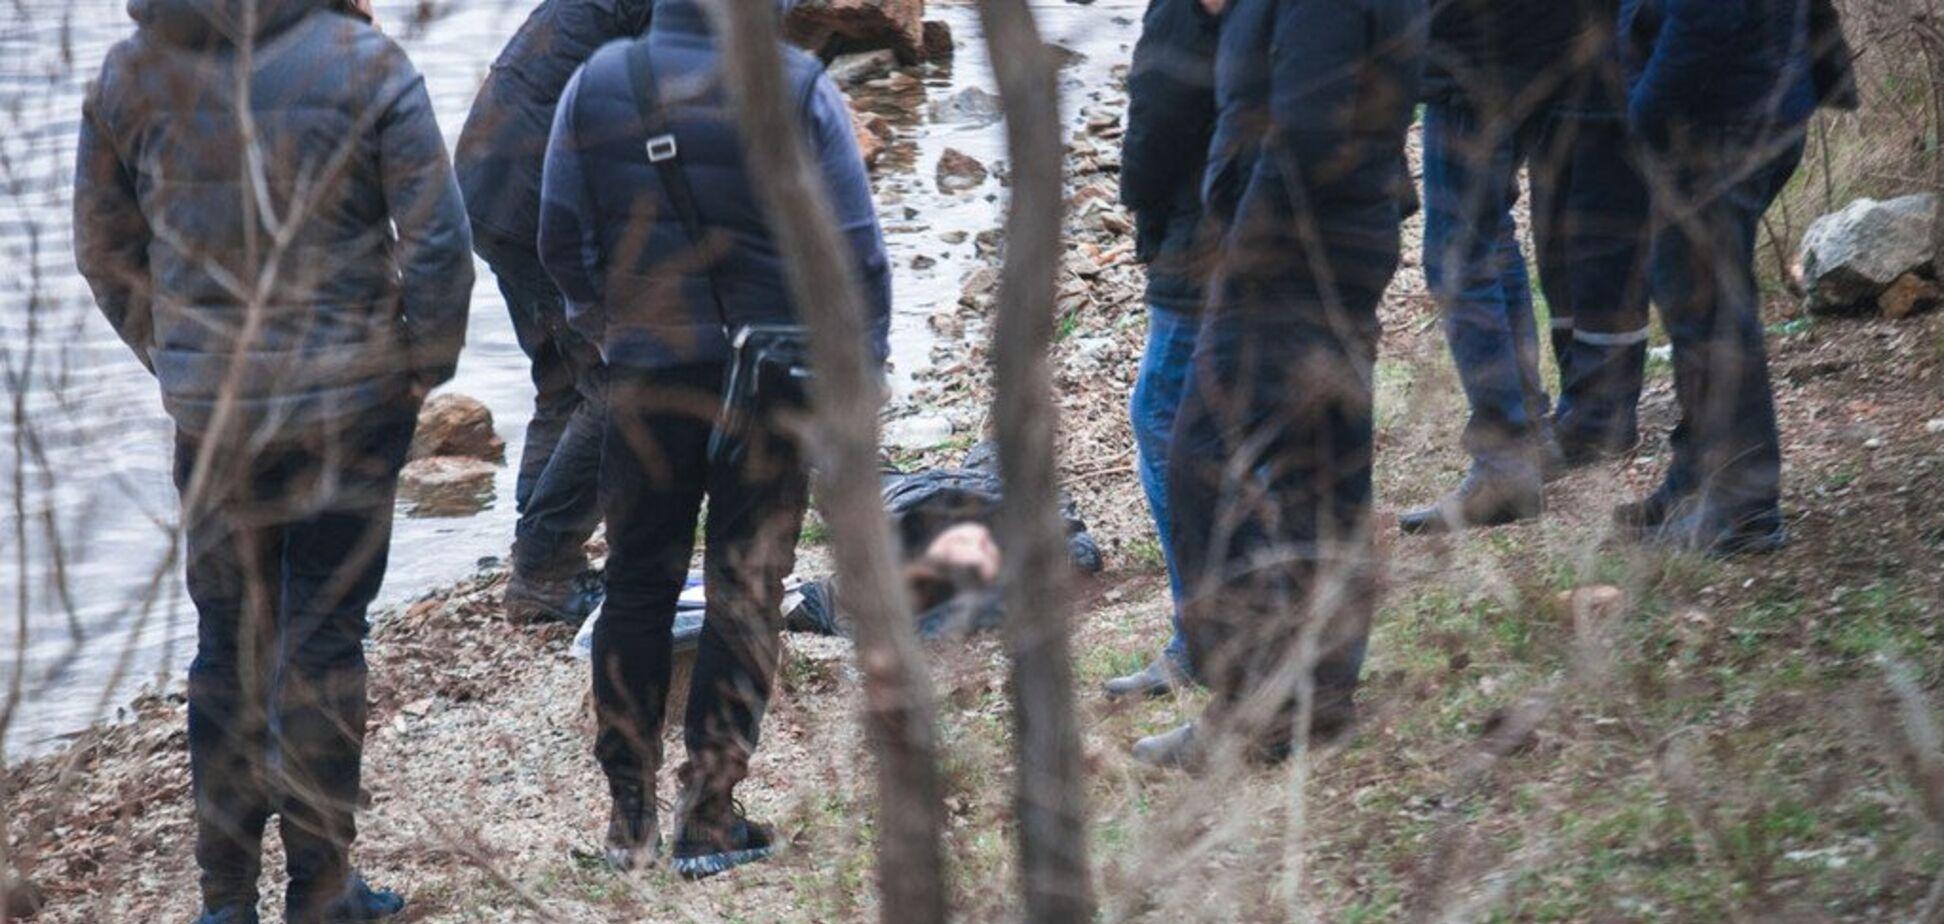 Тело девушки выловили из реки в Днепре: полиция просит о помощи